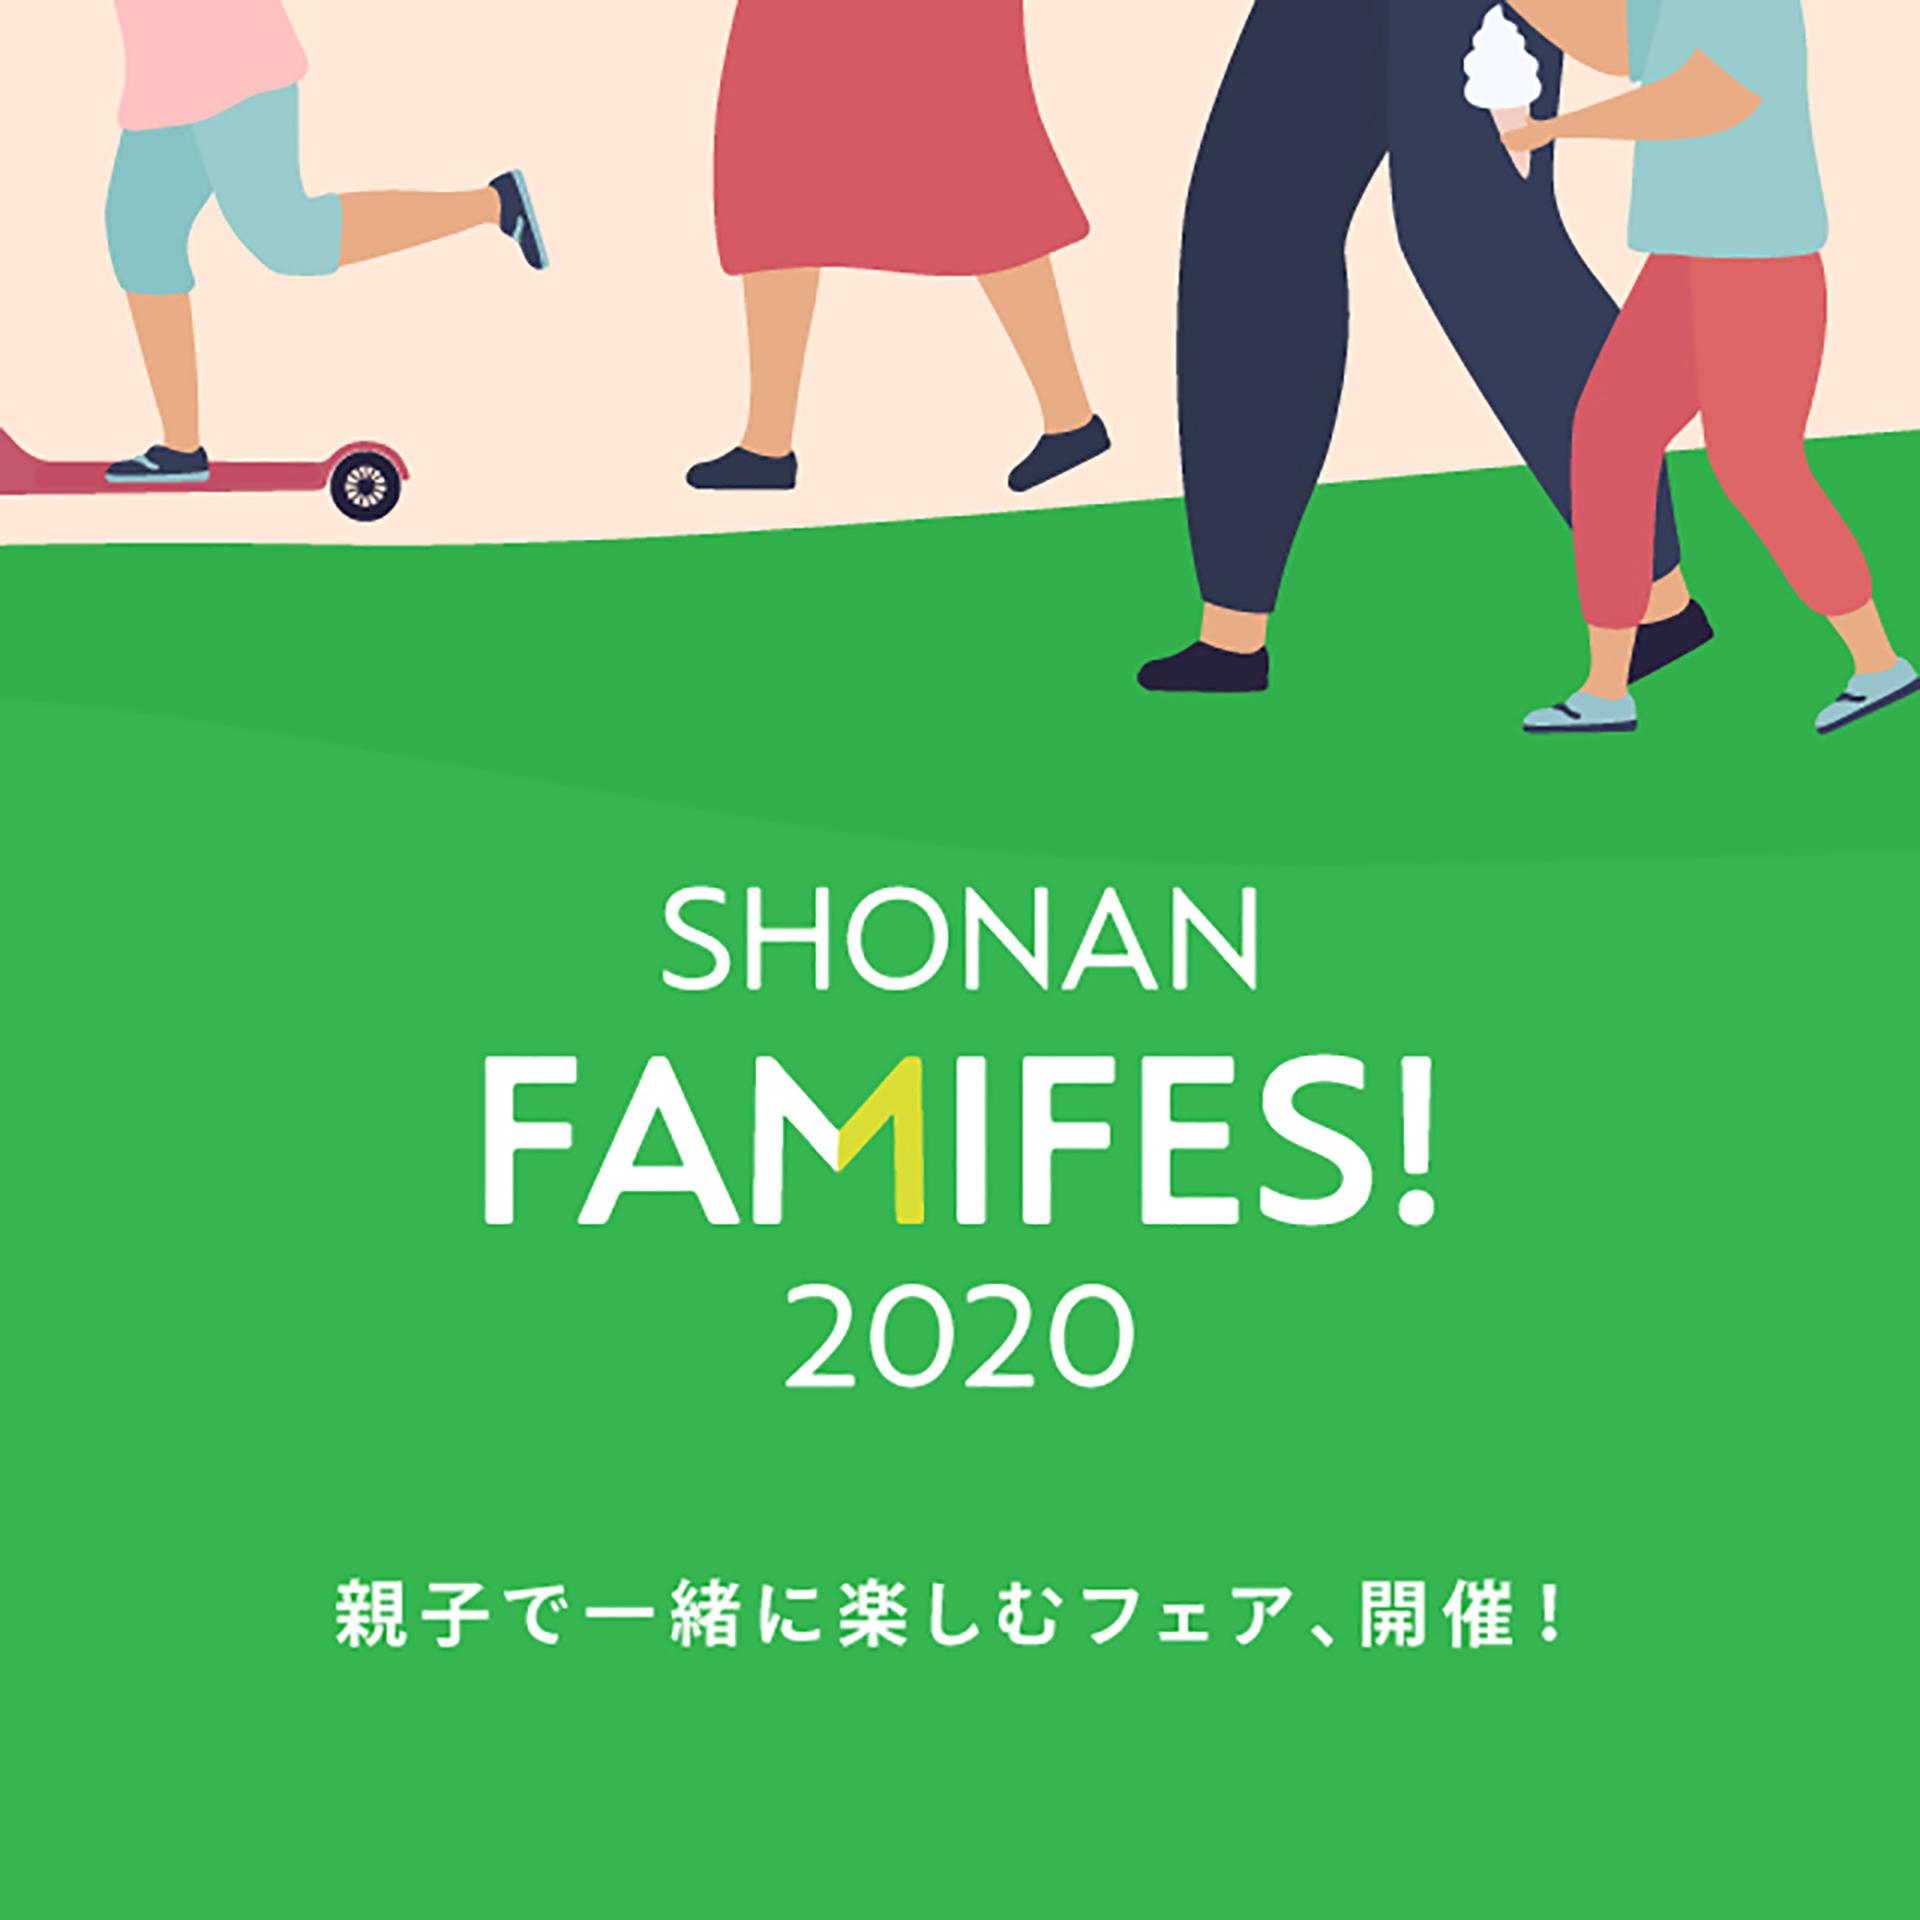 SHONAN FAMIFES! 2020